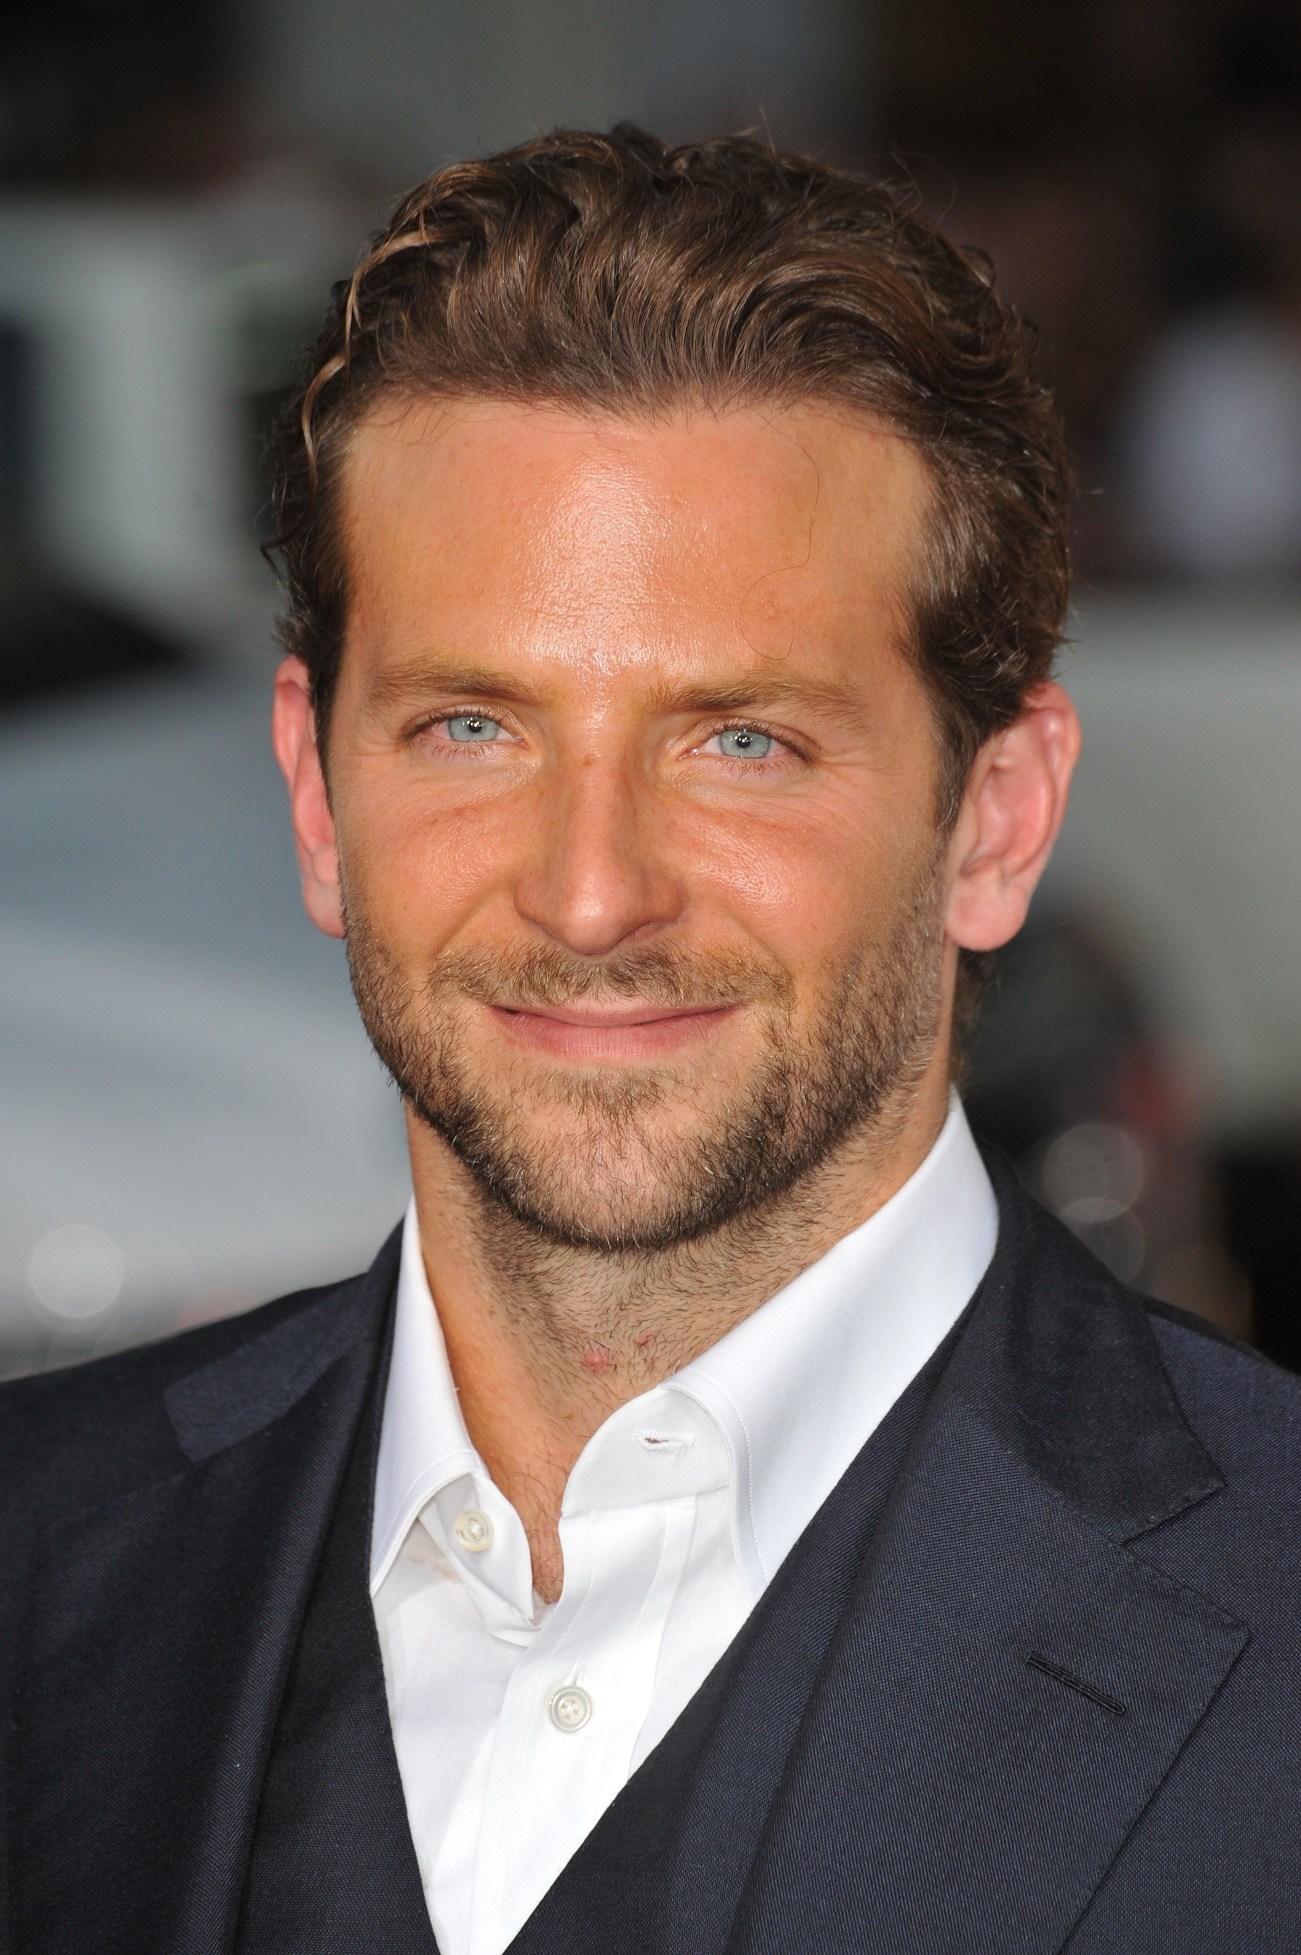 warna rambut mocha brown untuk pria kulit sawo matang Bradley Cooper